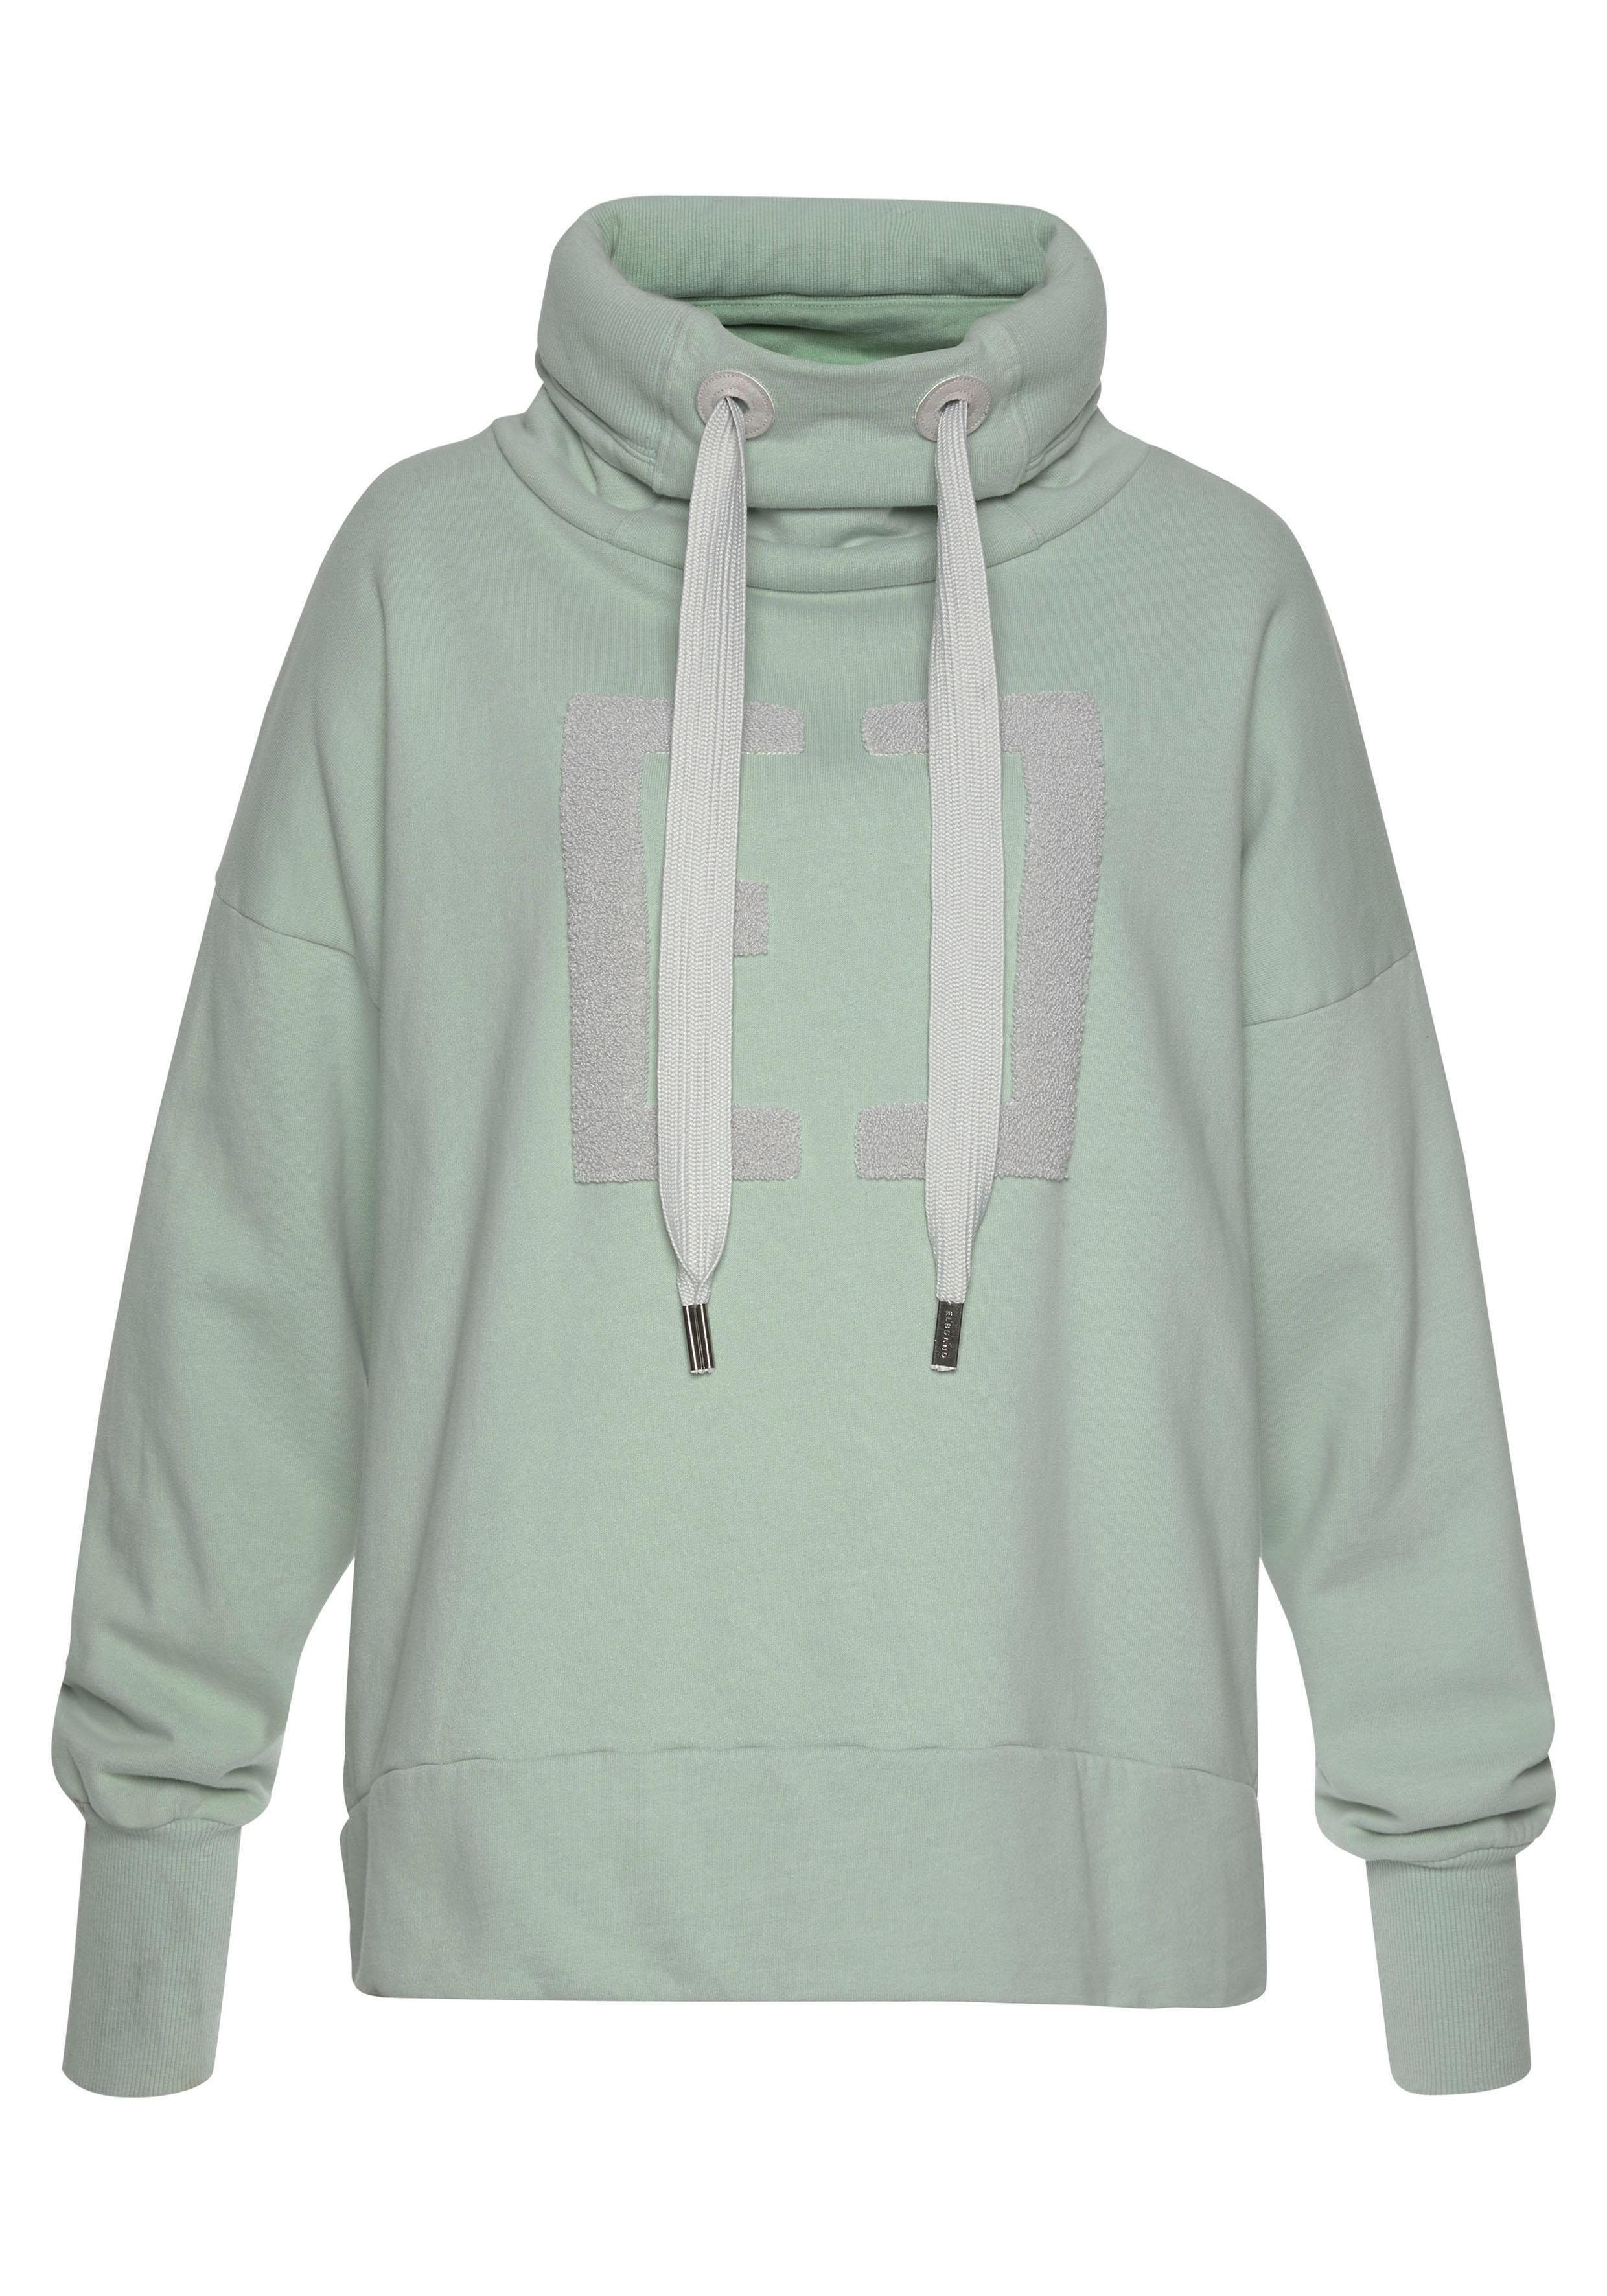 60d76b220dc53d ... Originals sweatshirt »SWEATER«, FRUIT OF THE LOOM sweatshirt »Lady-fit  Premium Sweat Jacket«, Sweatshirt, Bench. sweatshirt in casual  schippersmodel